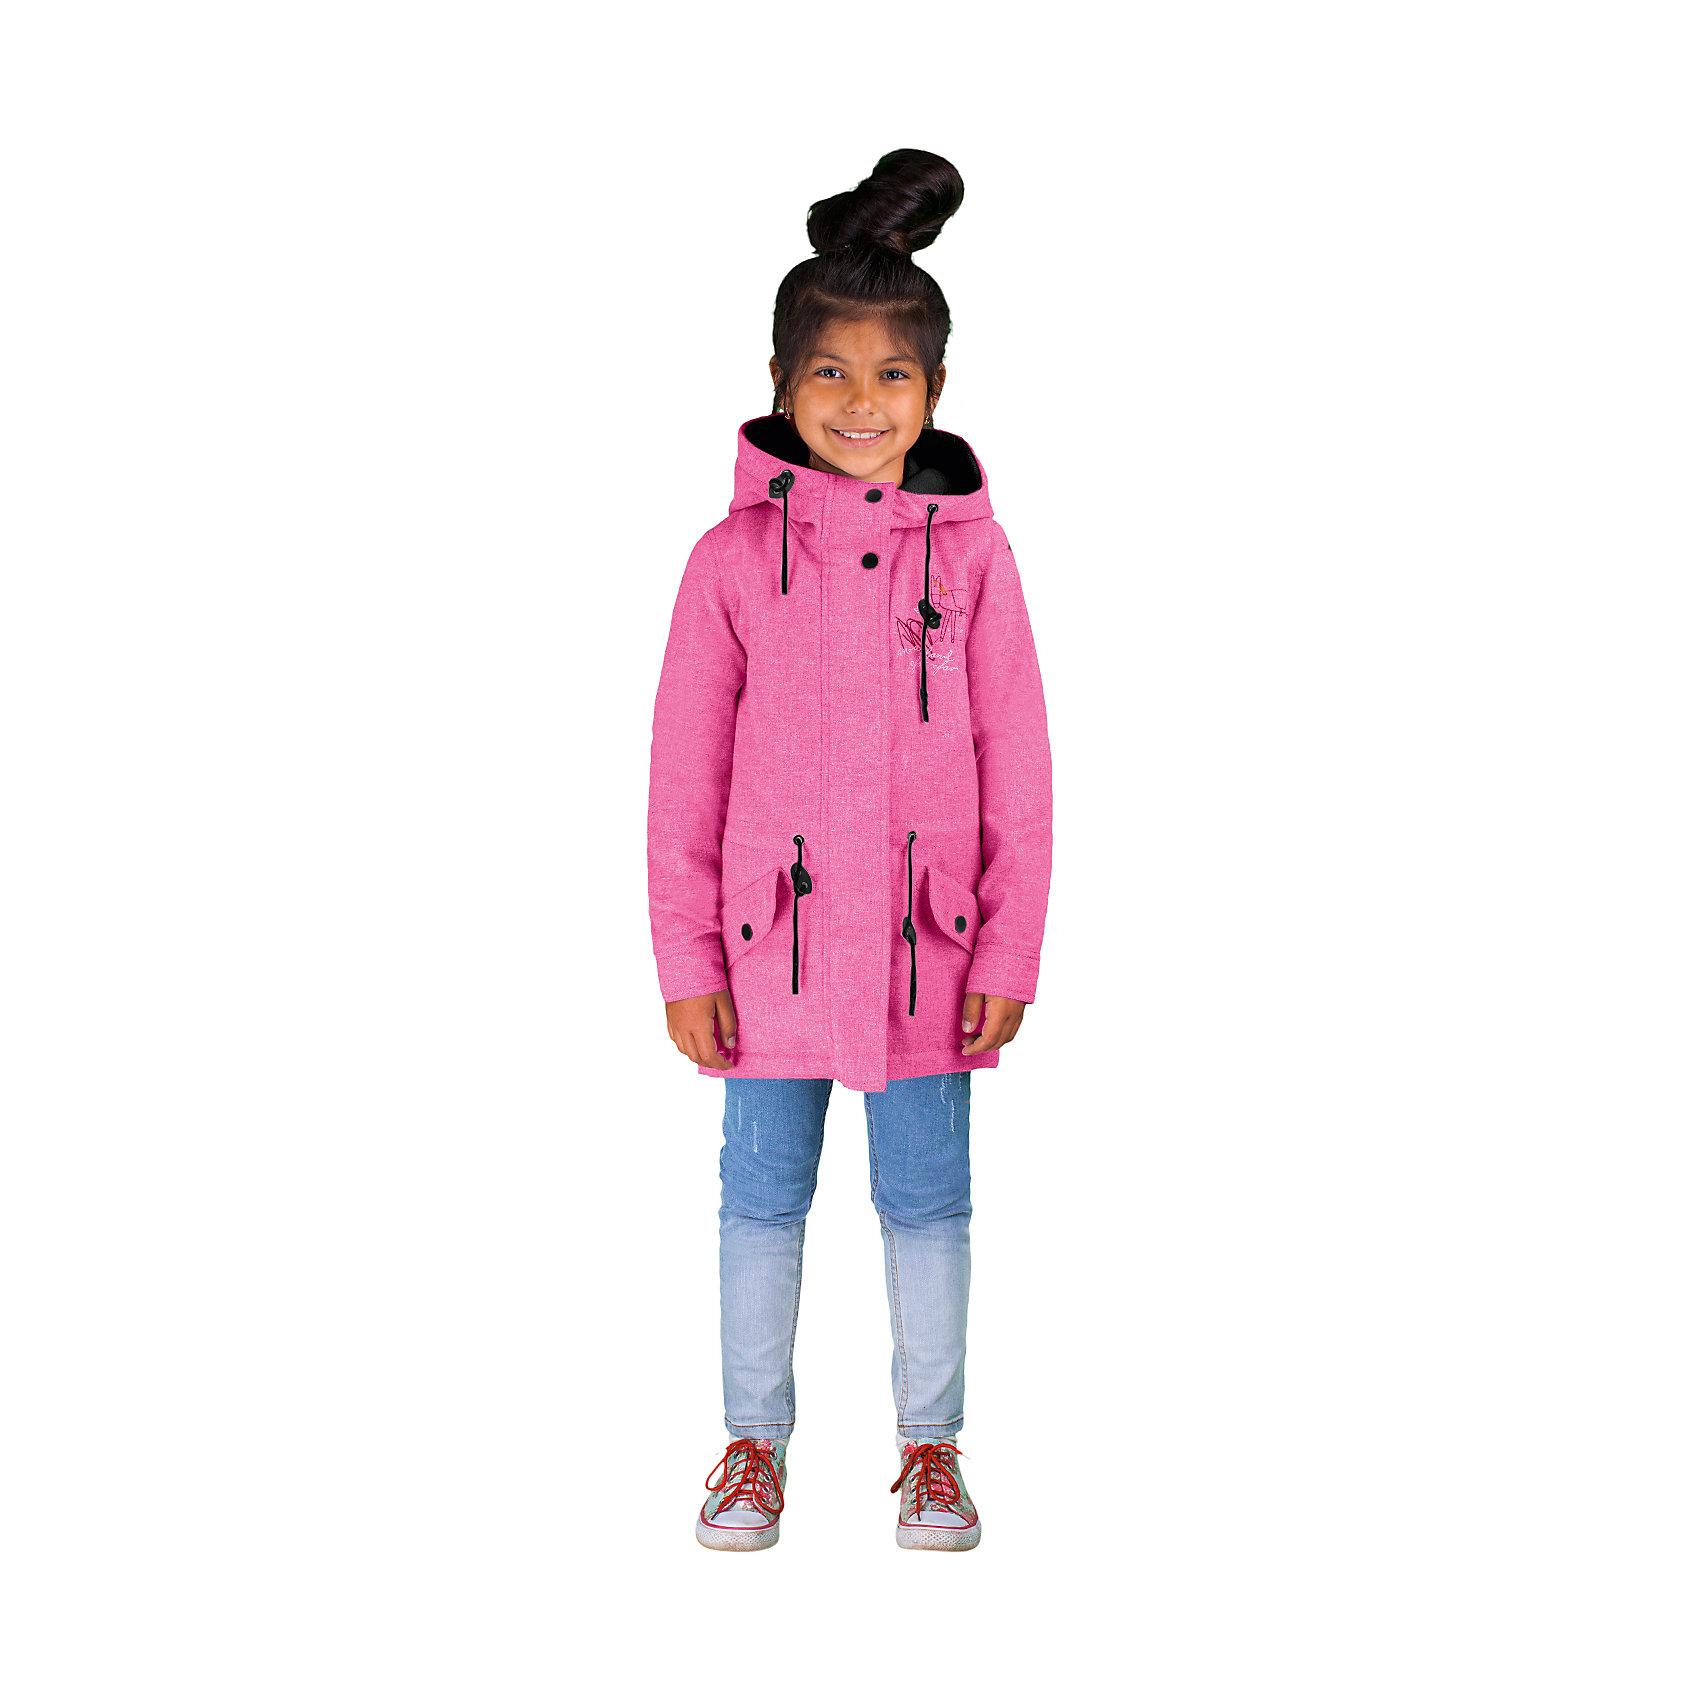 Куртка-парка для девочки BOOM by OrbyВерхняя одежда<br>Характеристики товара:<br><br>• цвет: розовый<br>• состав: верх - таффета, подкладка - флис, ПЭ, без утеплителя<br>• температурный режим: от +7°до +15°С<br>• планка от ветра<br>• капюшон<br>• застежка - молния<br>• демисезонная<br>• карманы<br>• шнурок в поясе<br>• комфортная посадка<br>• страна производства: Российская Федерация<br>• страна бренда: Российская Федерация<br>• коллекция: весна-лето 2017<br><br>Одежда для детей должна быть особо комфортной! Такая курточка - отличный вариант для межсезонья с постоянно меняющейся погодой. Эта модель - модная и удобная одновременно! Изделие отличается стильным ярким дизайном. Куртка дополнена мягкой подкладкой.<br><br>Куртку-парку для девочки от бренда BOOM by Orby можно купить в нашем интернет-магазине.<br><br>Ширина мм: 356<br>Глубина мм: 10<br>Высота мм: 245<br>Вес г: 519<br>Цвет: розовый<br>Возраст от месяцев: 132<br>Возраст до месяцев: 144<br>Пол: Женский<br>Возраст: Детский<br>Размер: 152,158,104,110,98,116,122,128,134,140,146<br>SKU: 5343010